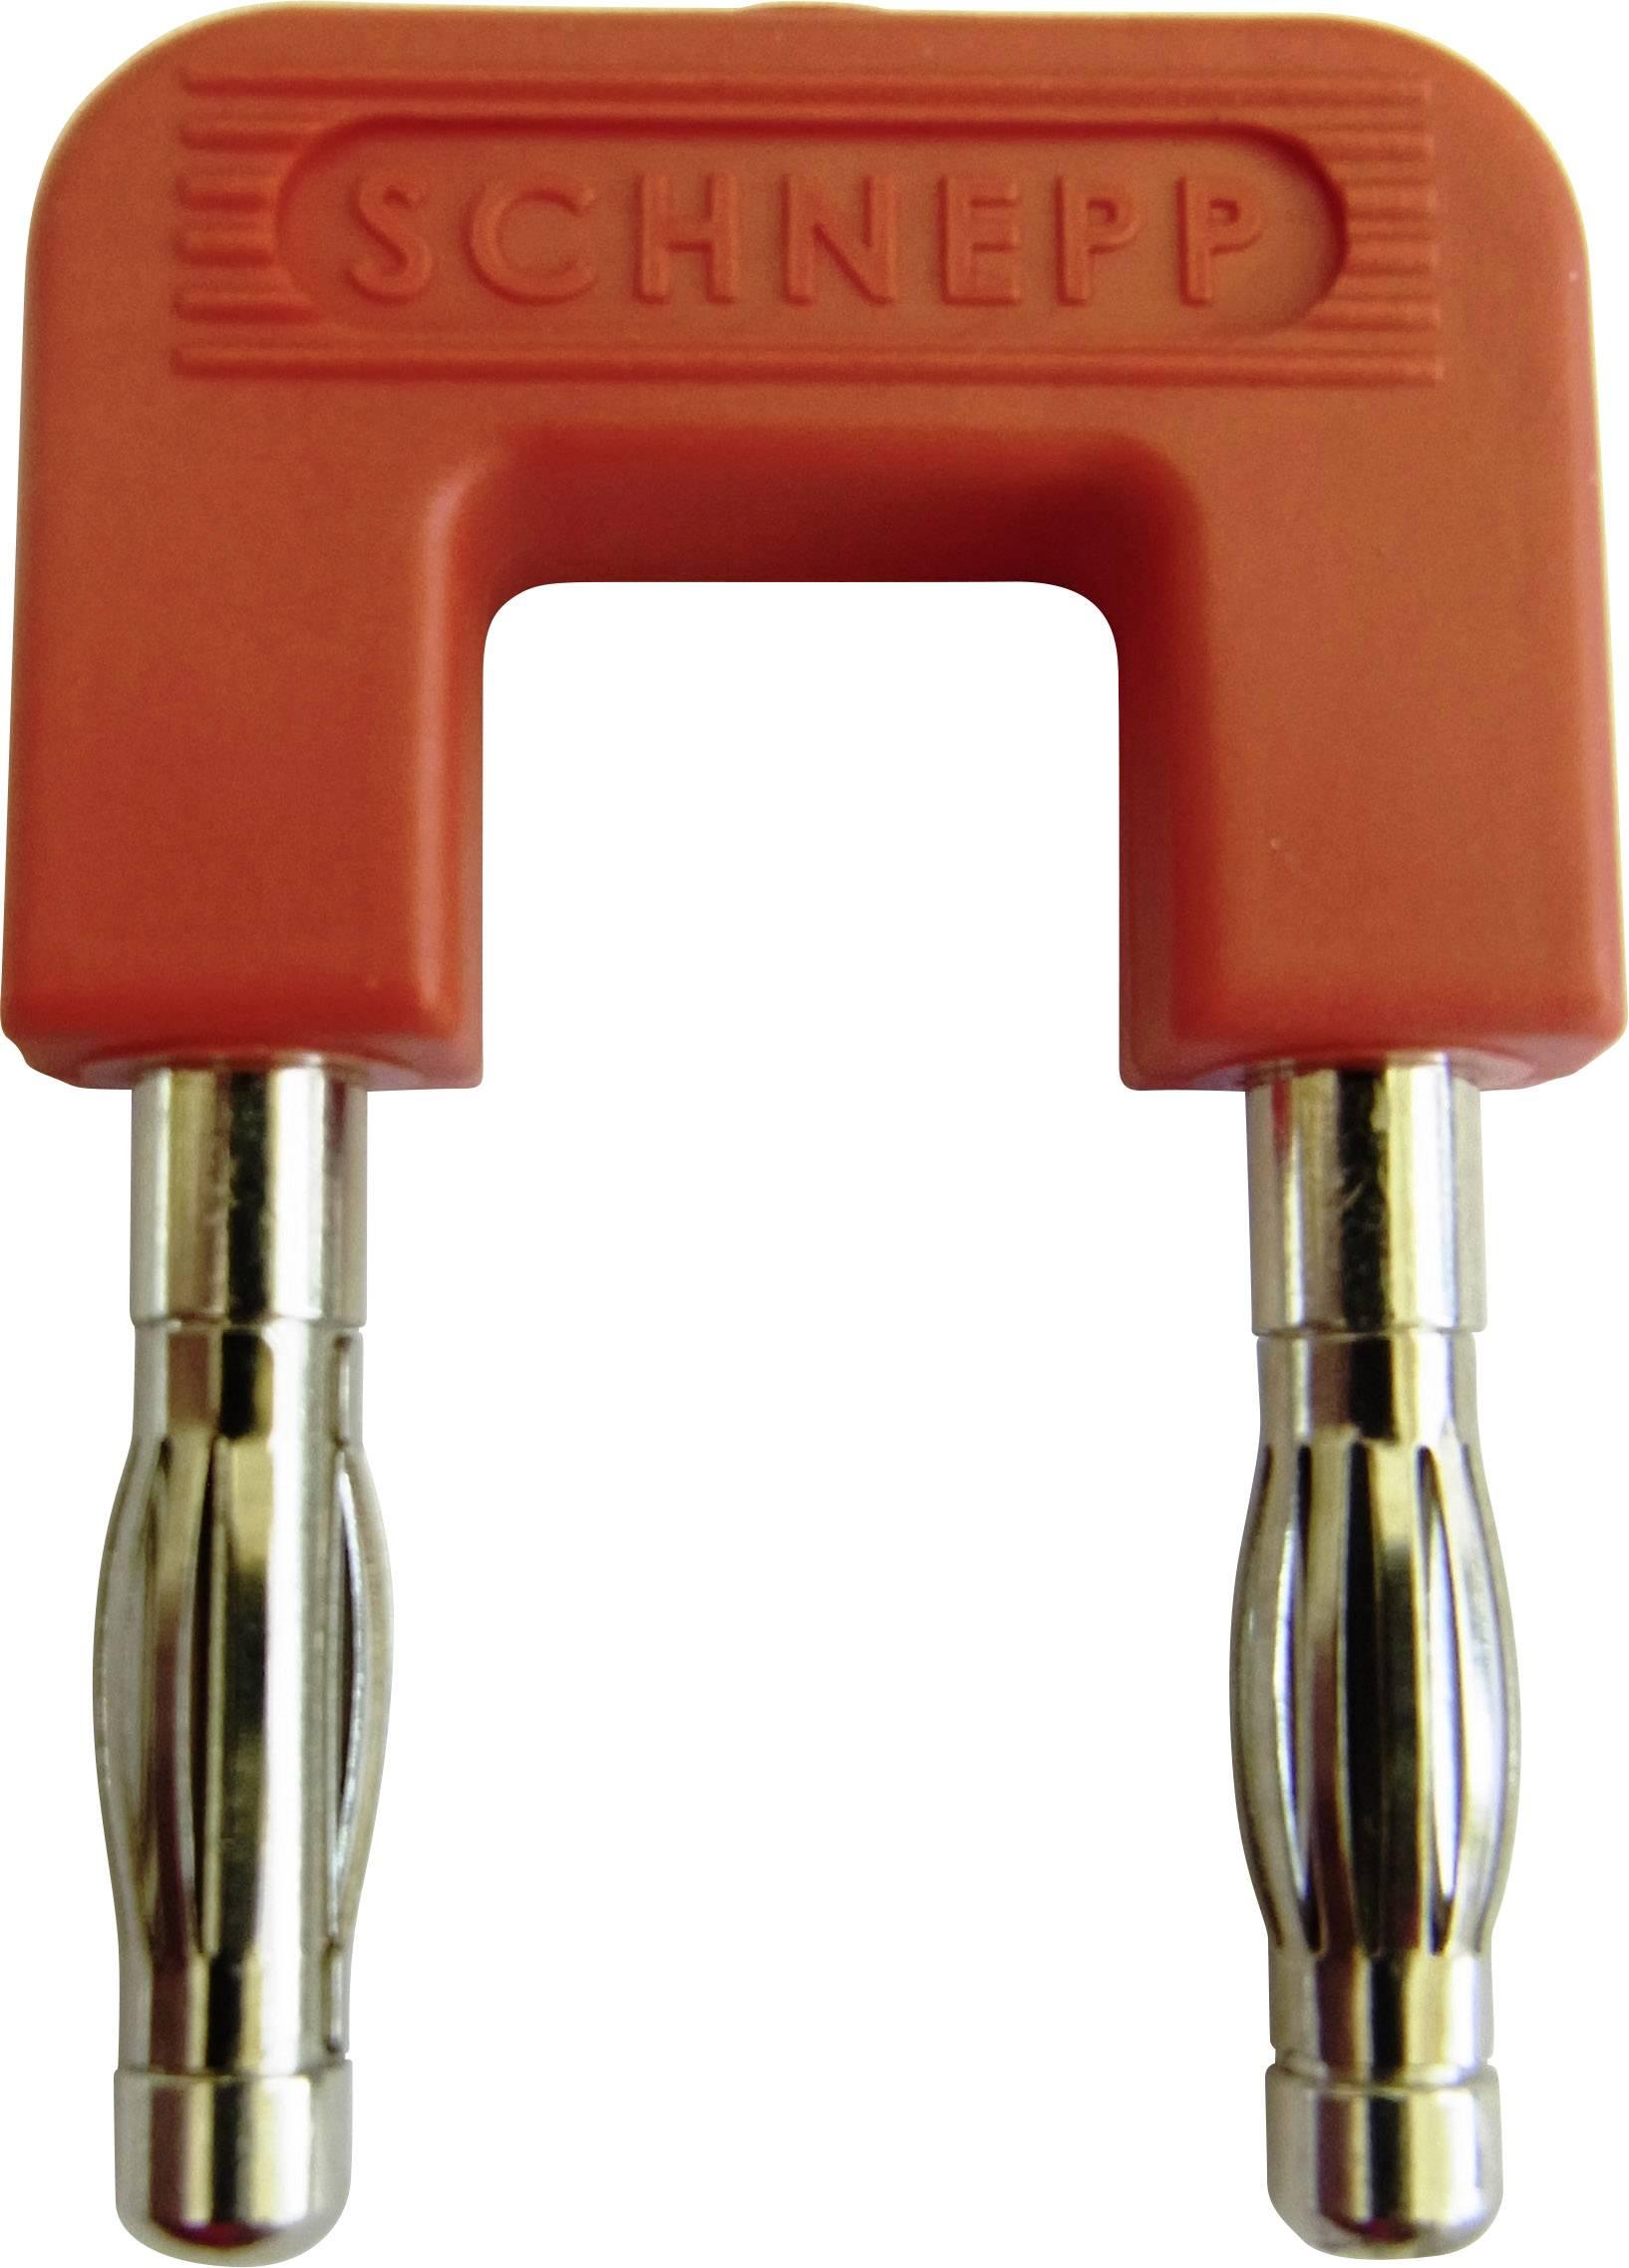 Zkratovací můstek Schnepp 19/4rt, Ø pin 4 mm, rozteč 19 mm, červená, 1 ks